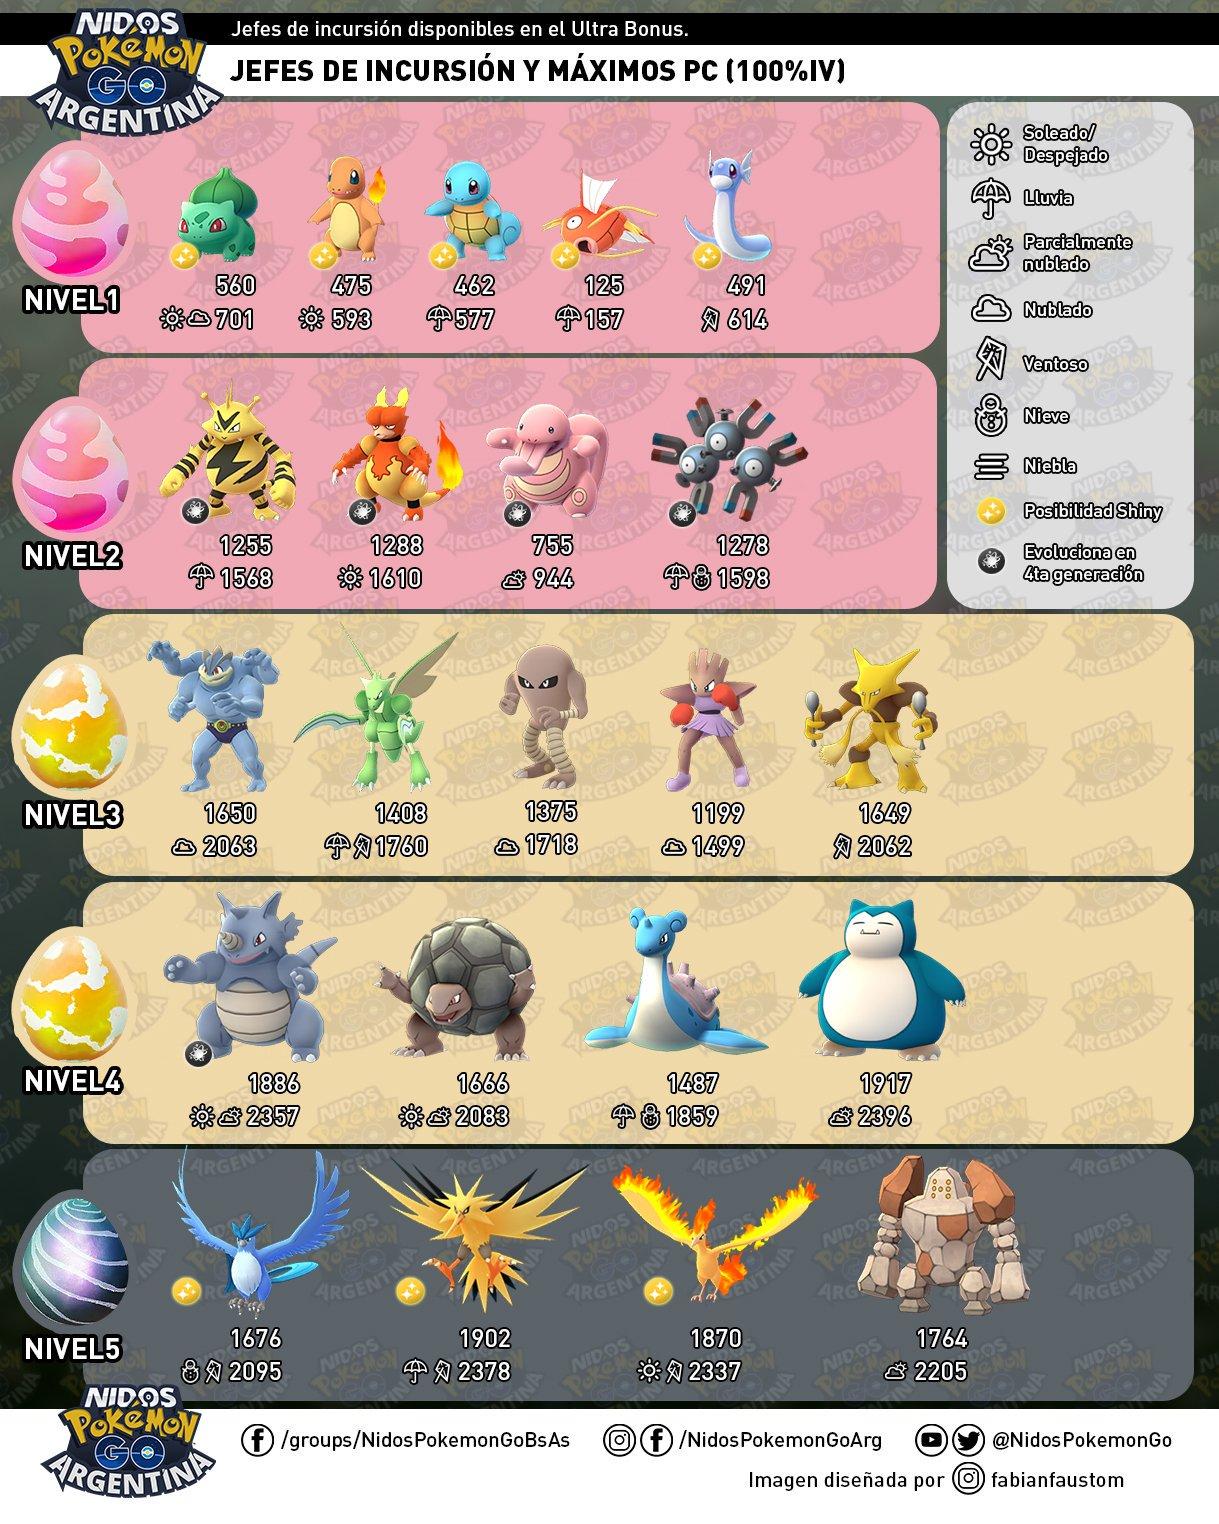 Imagen jefes de incursión en el Evento de Ultrabonus por Nidos Pokémon GO Argentina